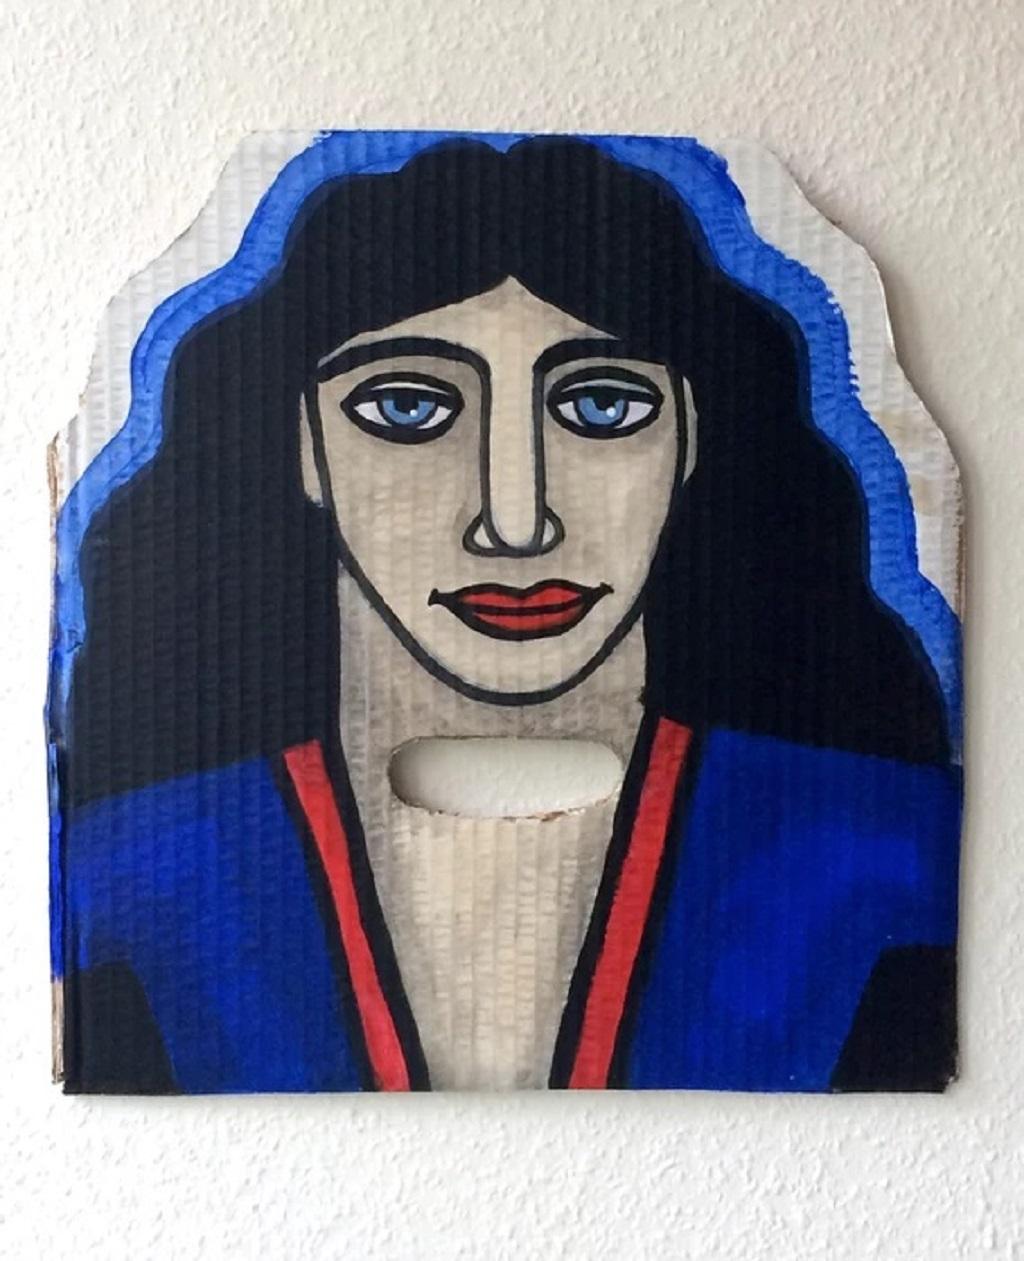 Acrylic on cardboard by Juliette Lepage Boisdron